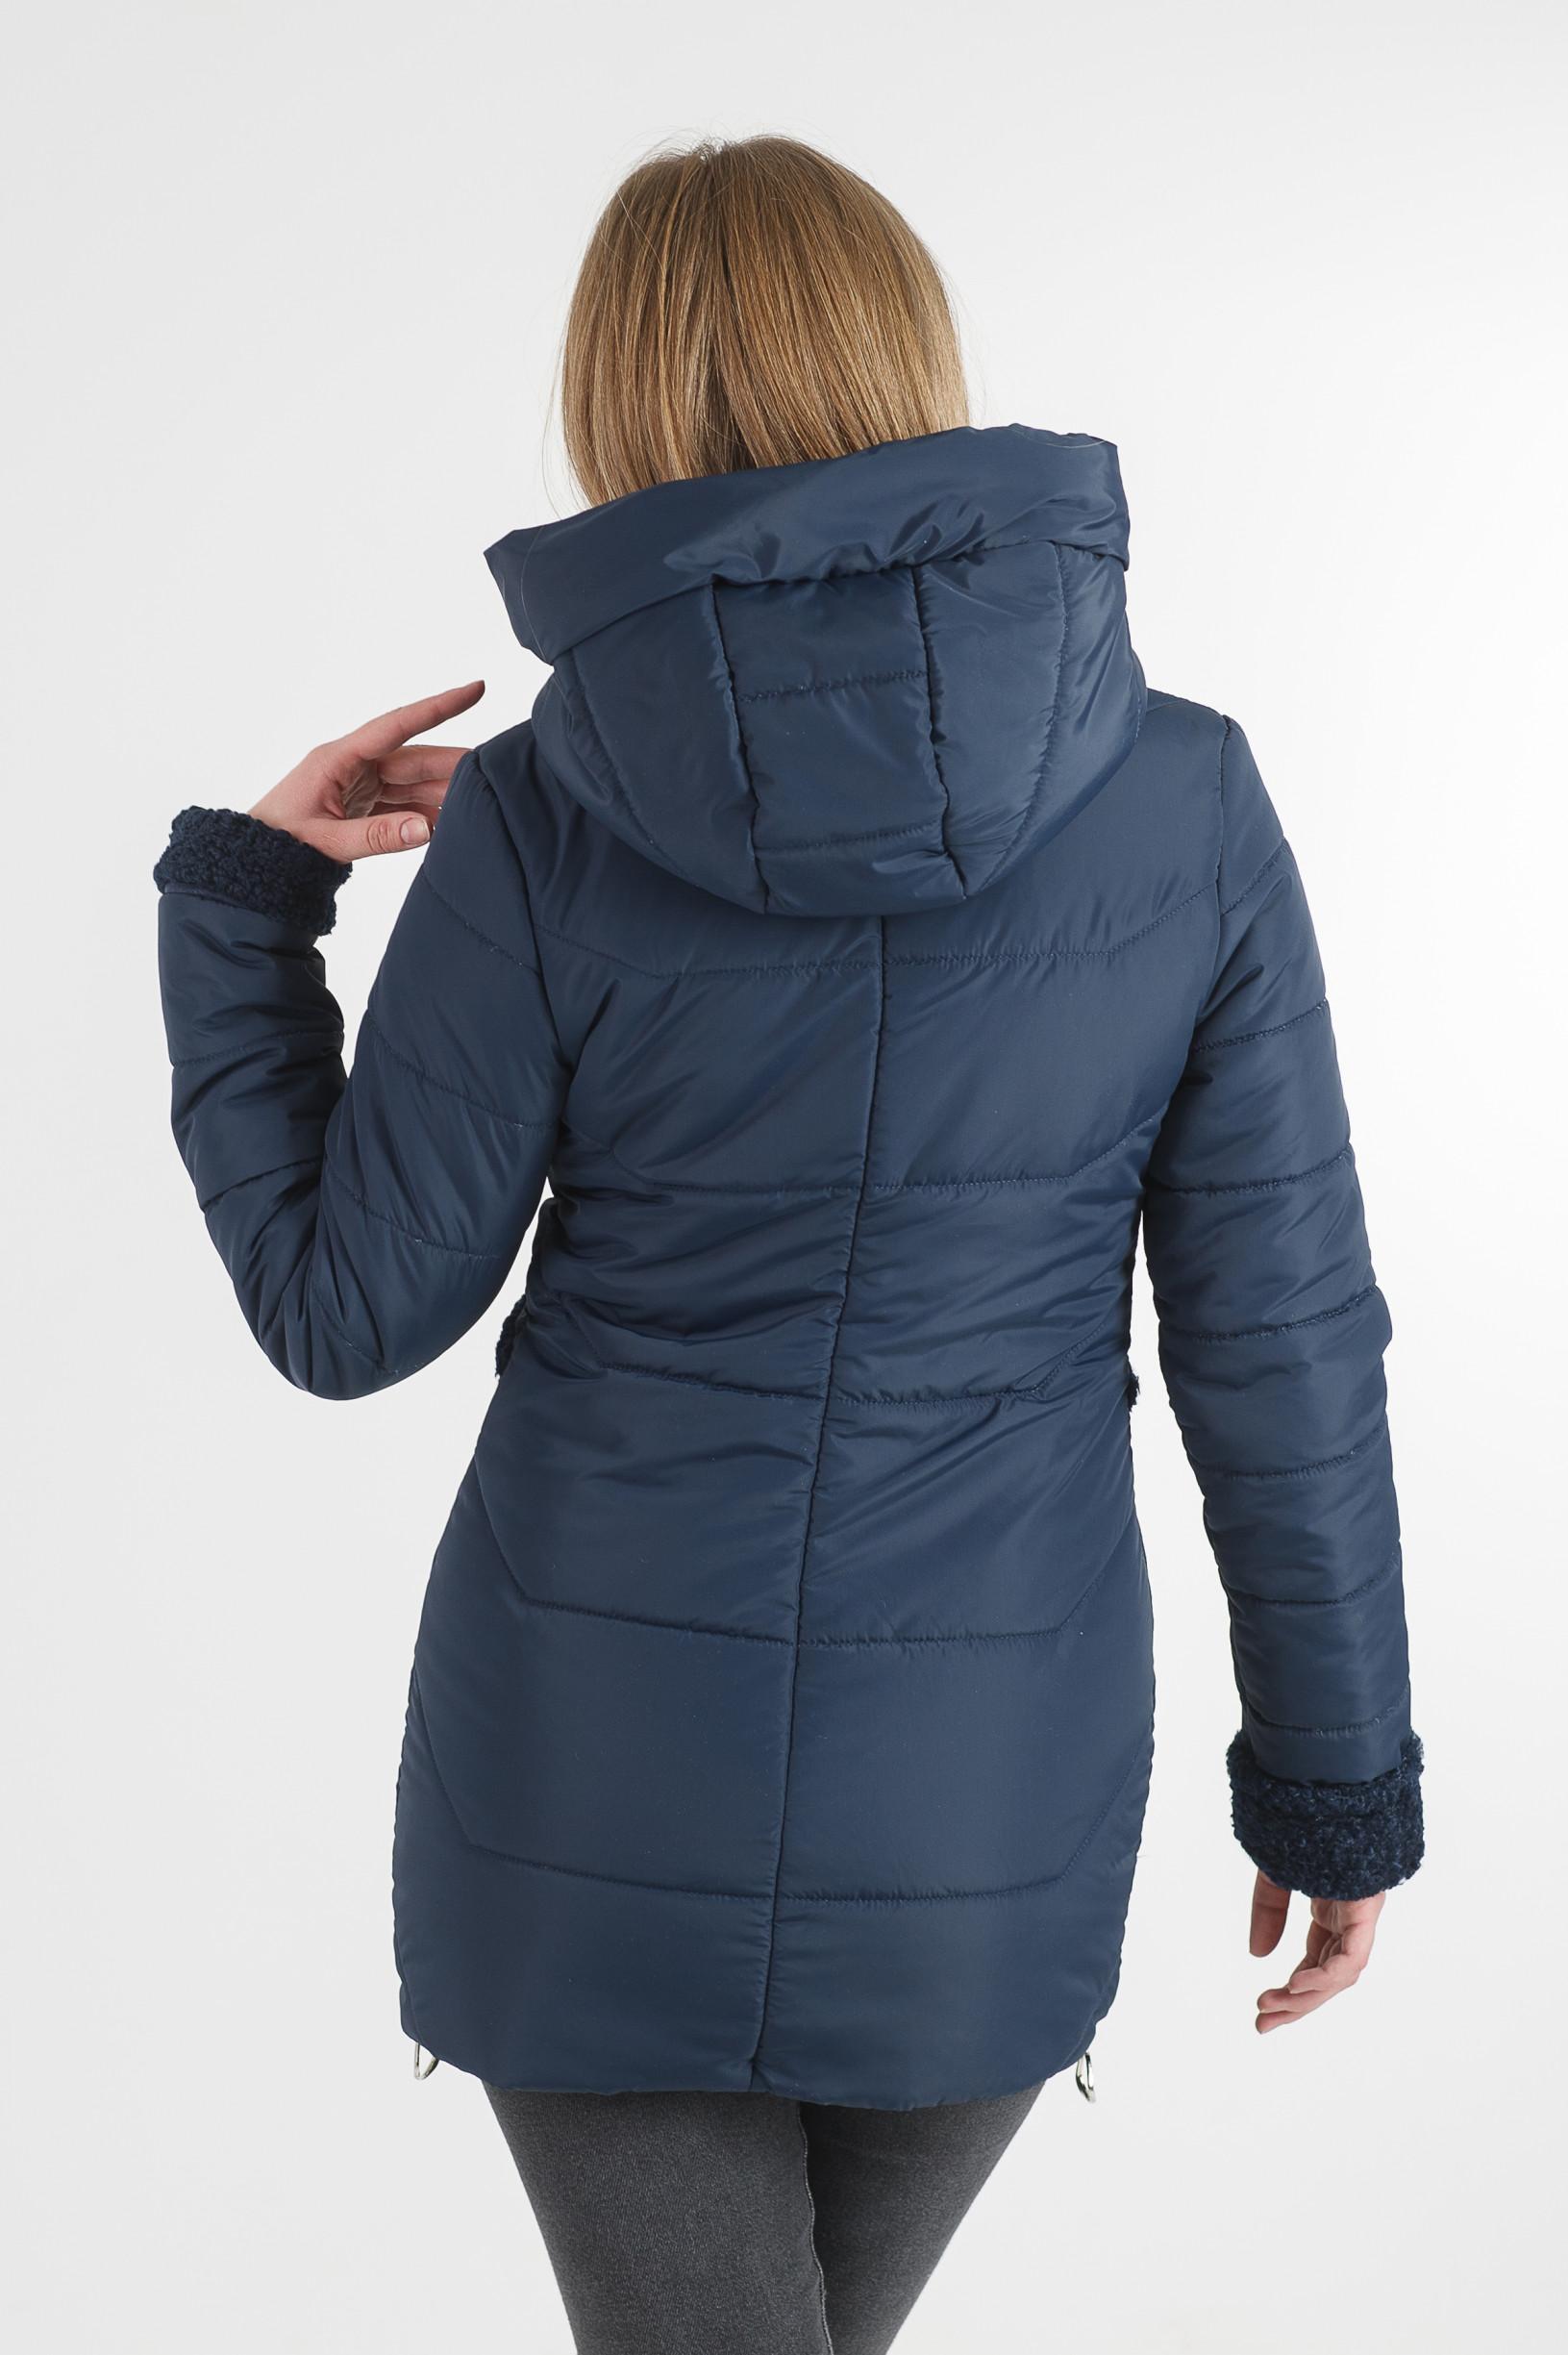 Тёплая демисезонная удлинённая синяя куртка Фокси